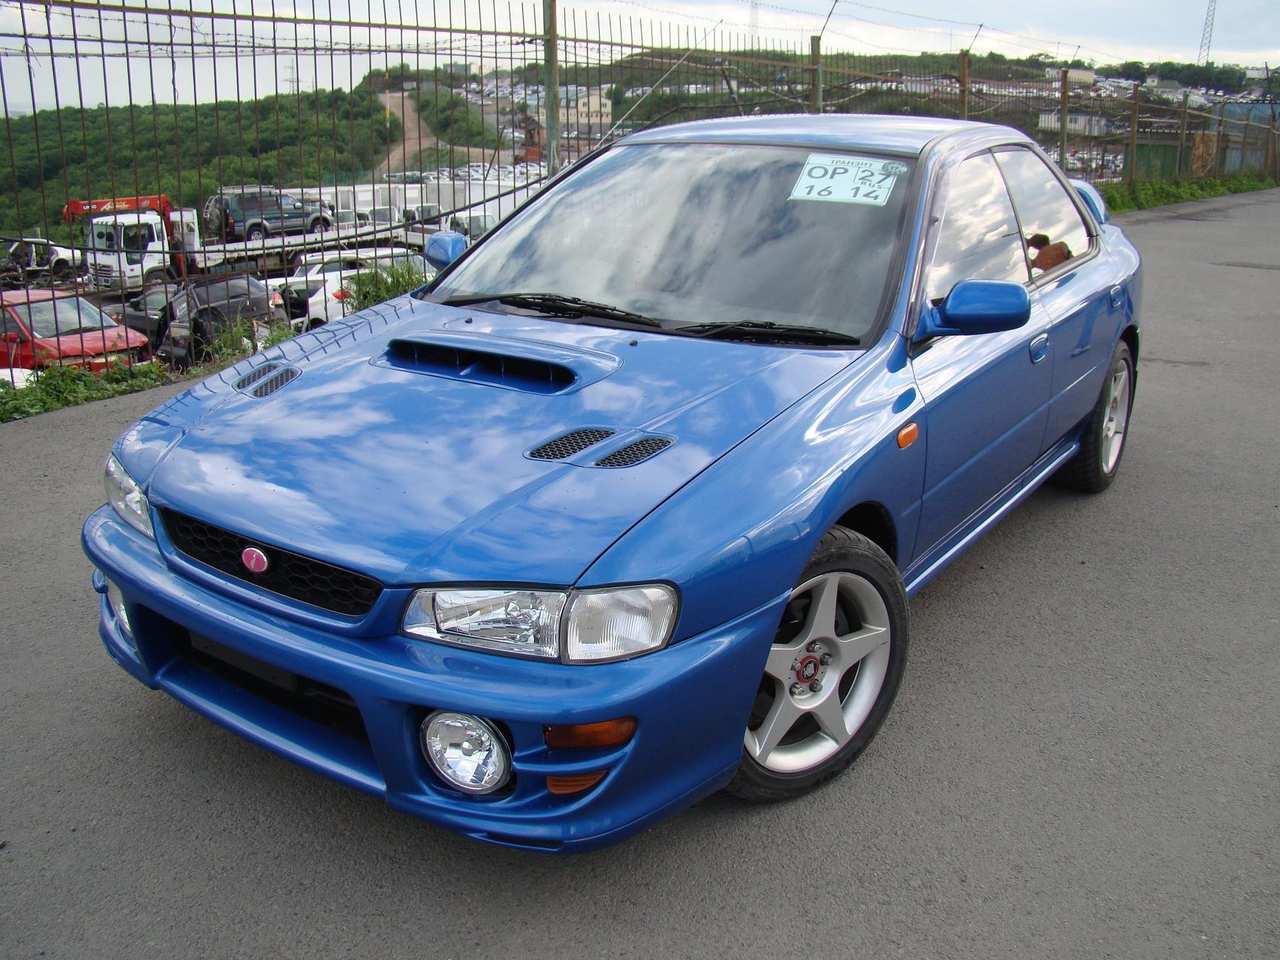 1999 Subaru Impreza WRX STI specs, Engine size 2.0l., Fuel ...